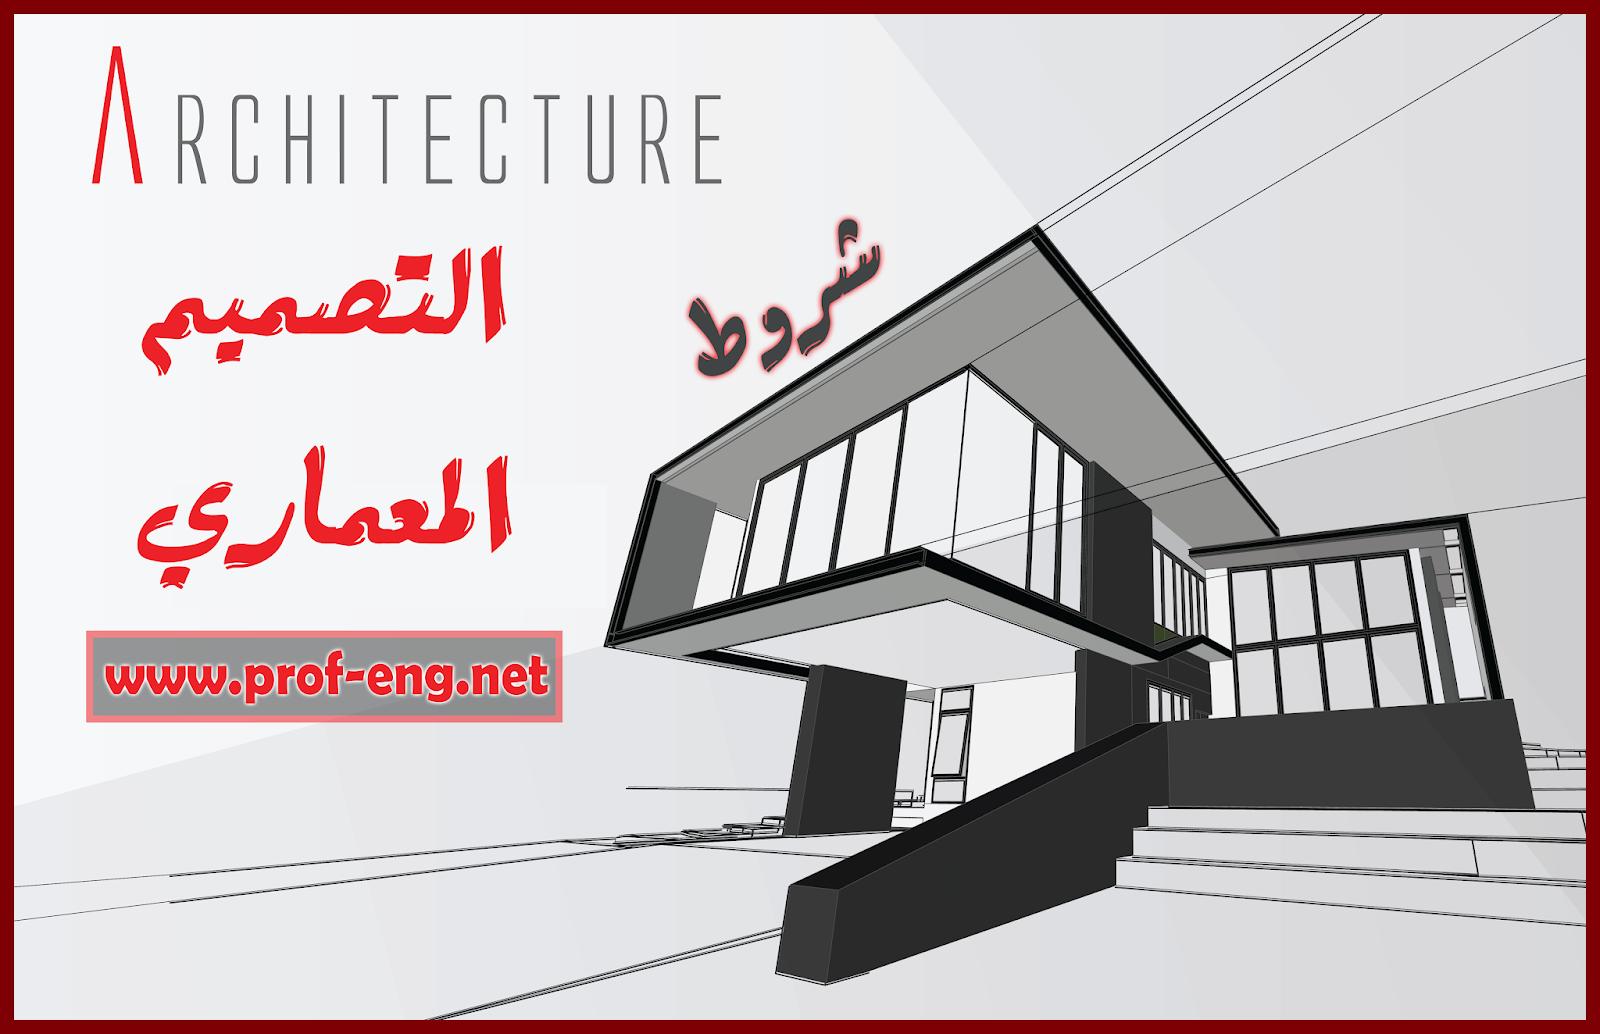 التصميم المعماري لبرج سكني تجاري | الإشتراطات المعمارية